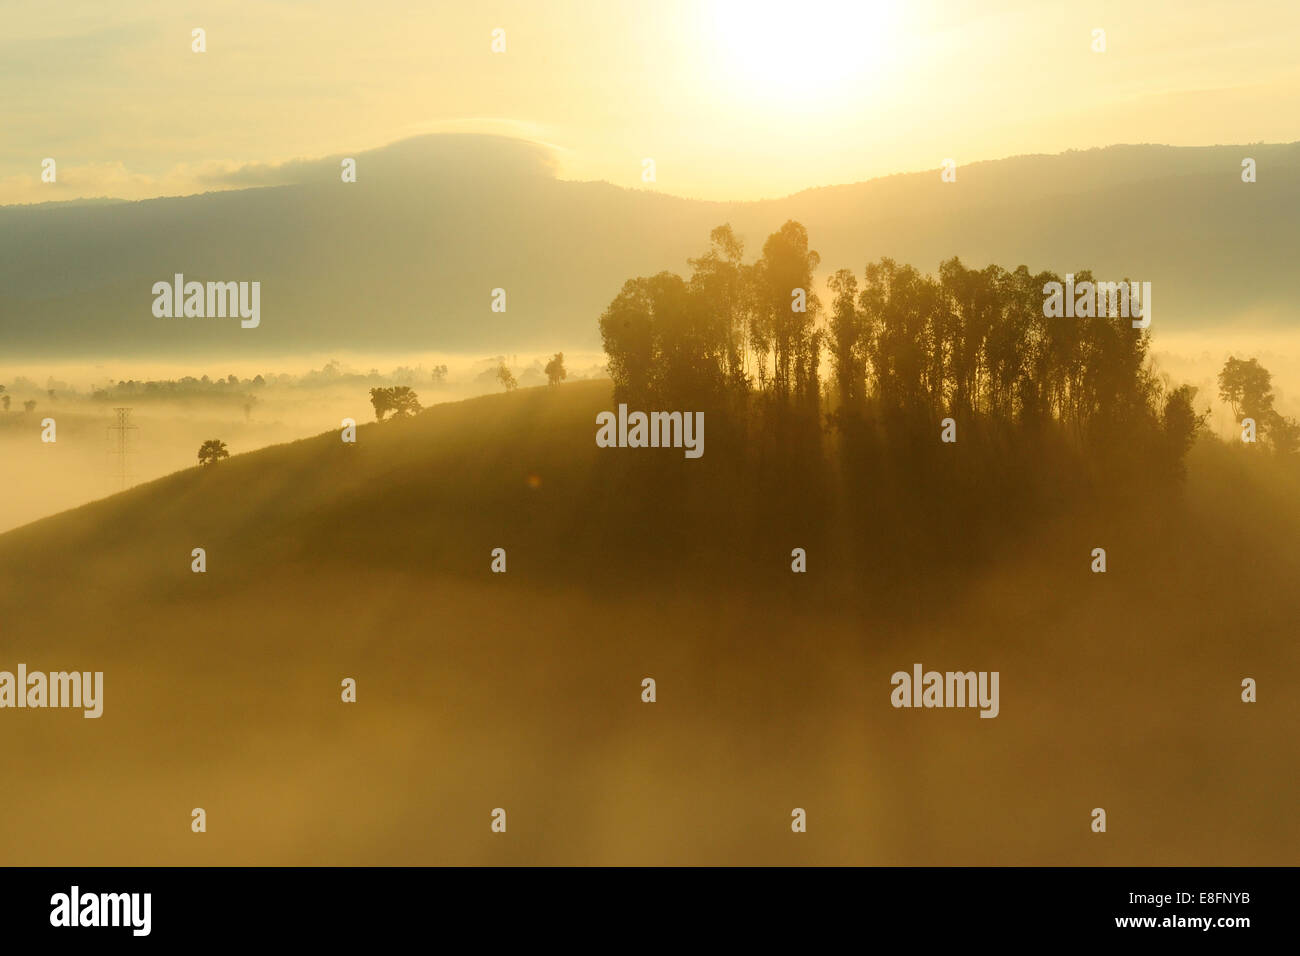 La Thaïlande, la province de Chiang Mai, Chiang Mai, la lumière du soleil à travers le brouillard Banque D'Images